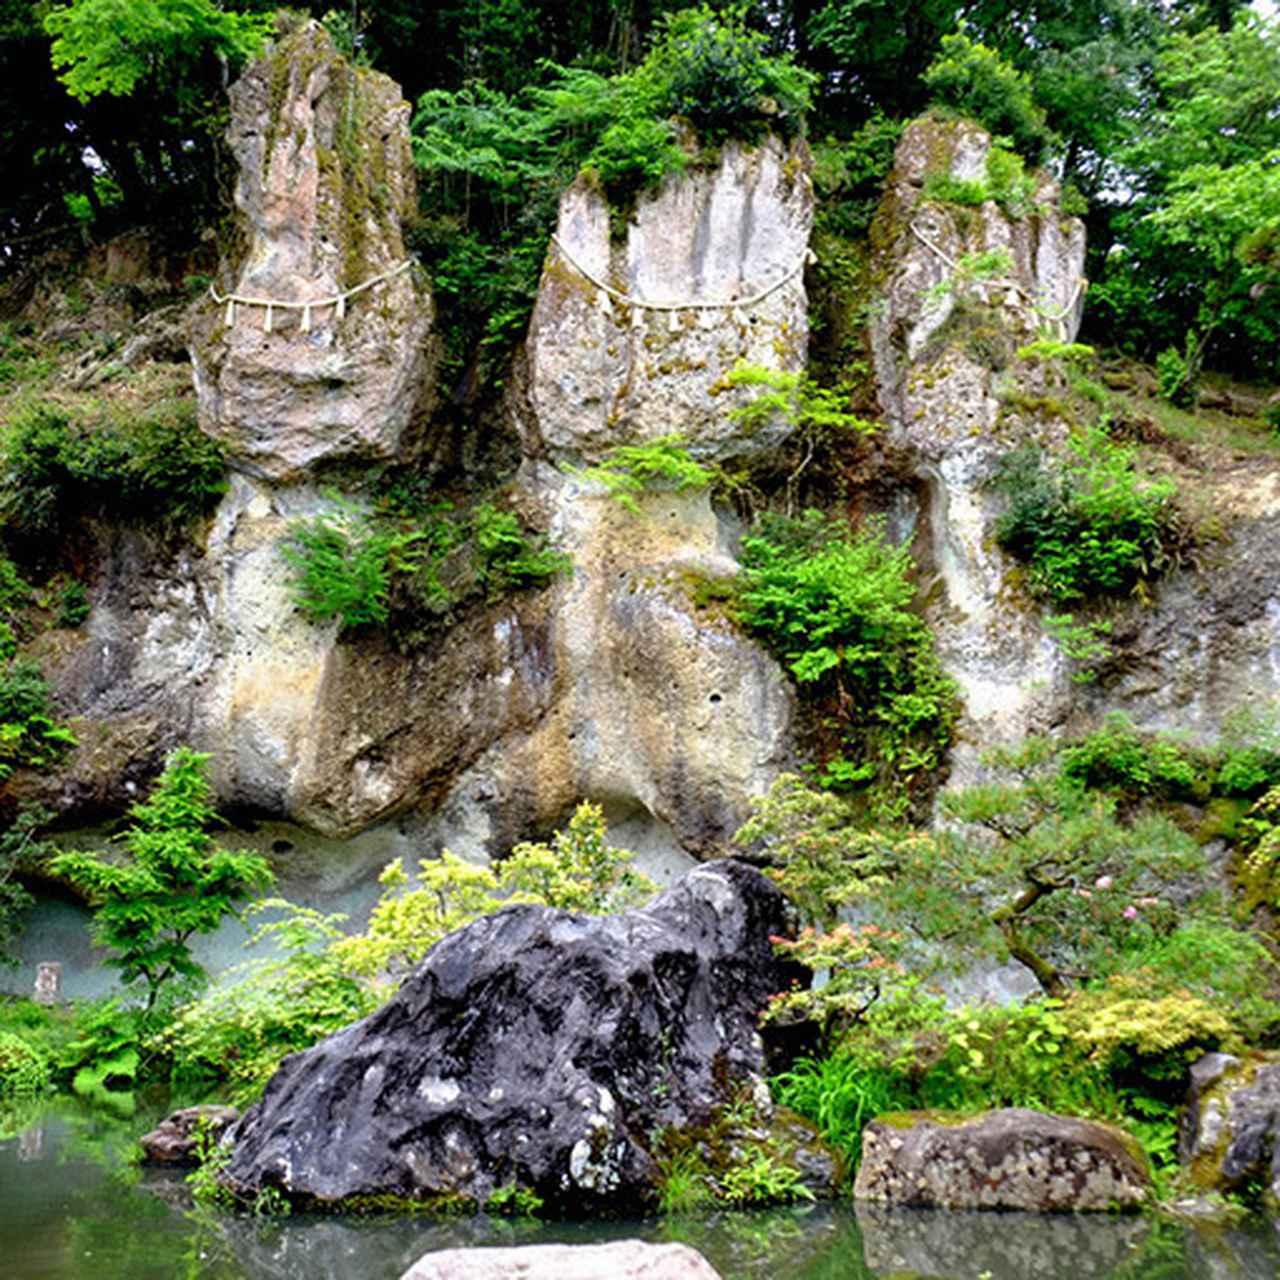 画像: 自然の岩が魅せる不思議な景色「三尊石」は、阿弥陀三尊に似ているとして崇められています。これは拝む価値ありです!